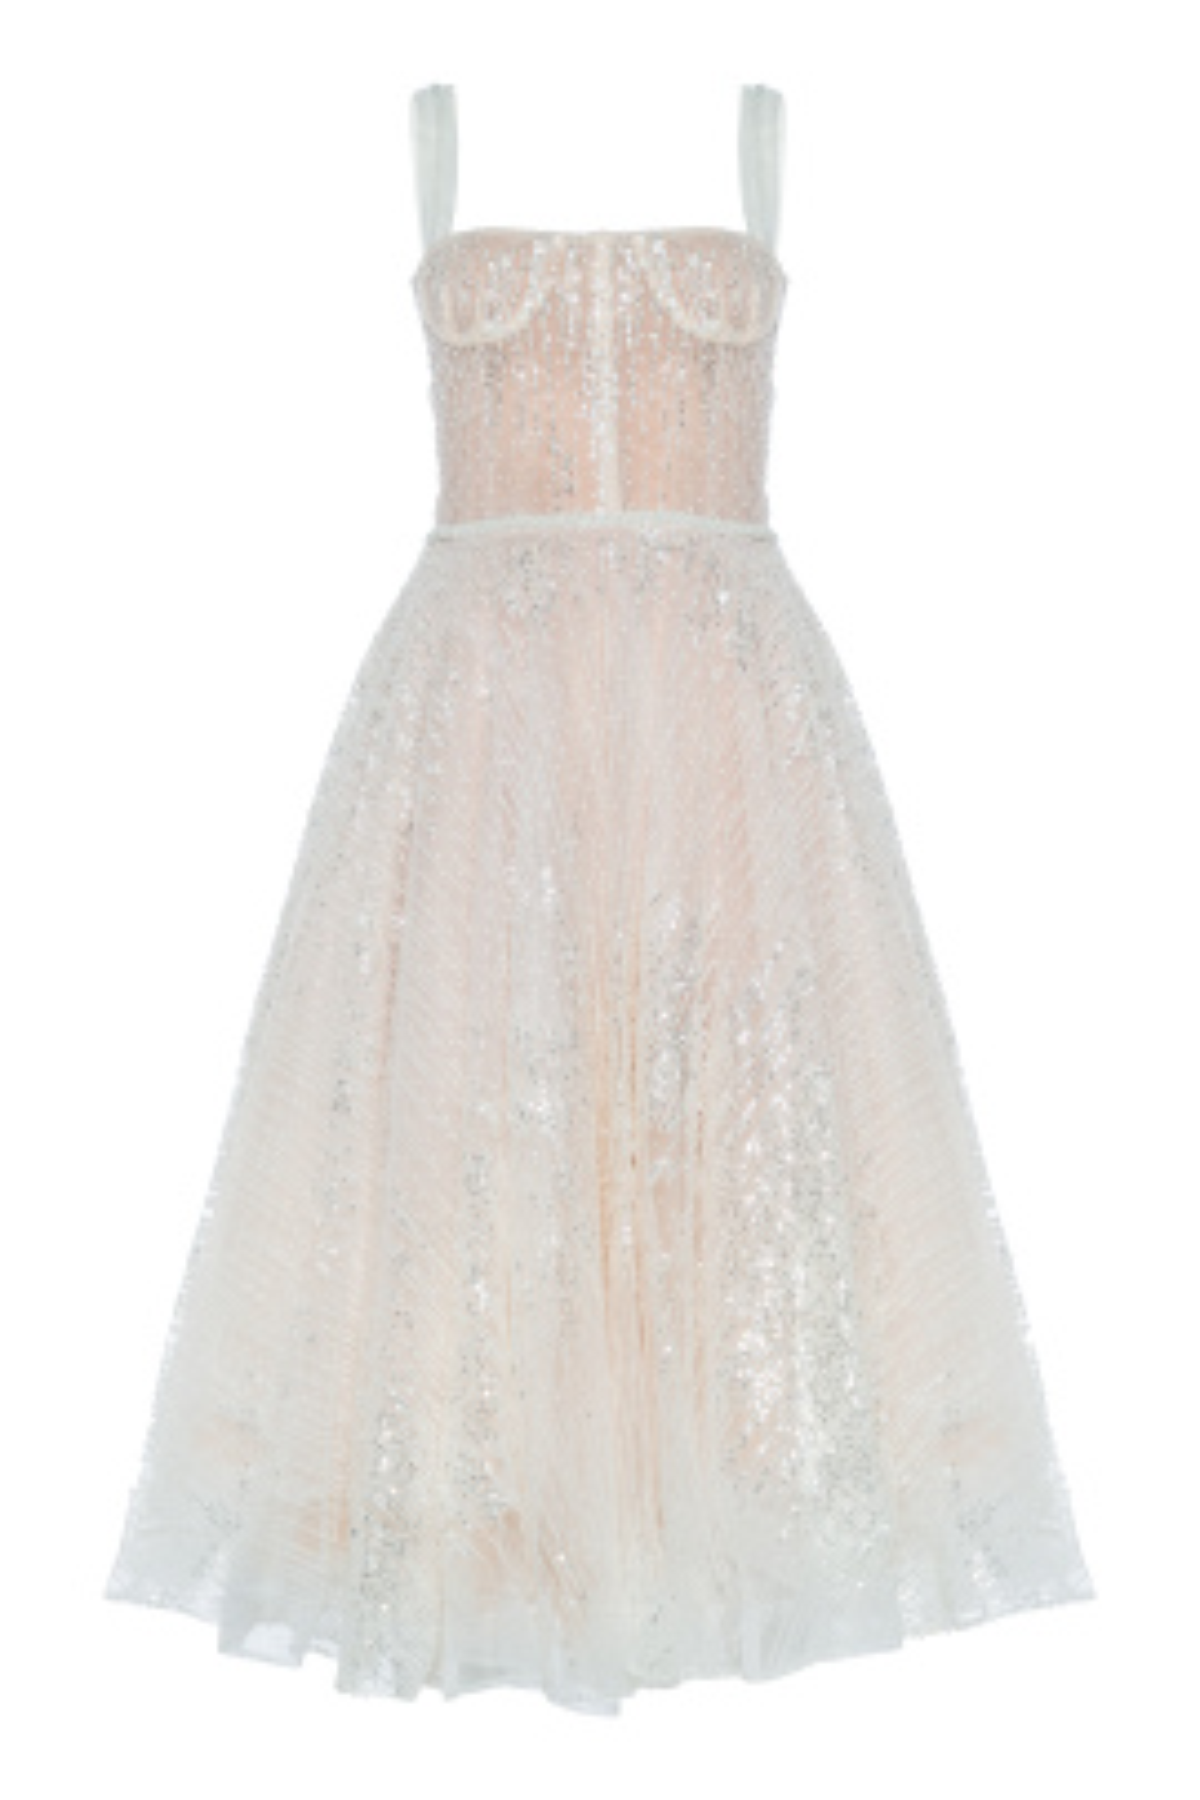 Mademoiselle Beyaz Elbise